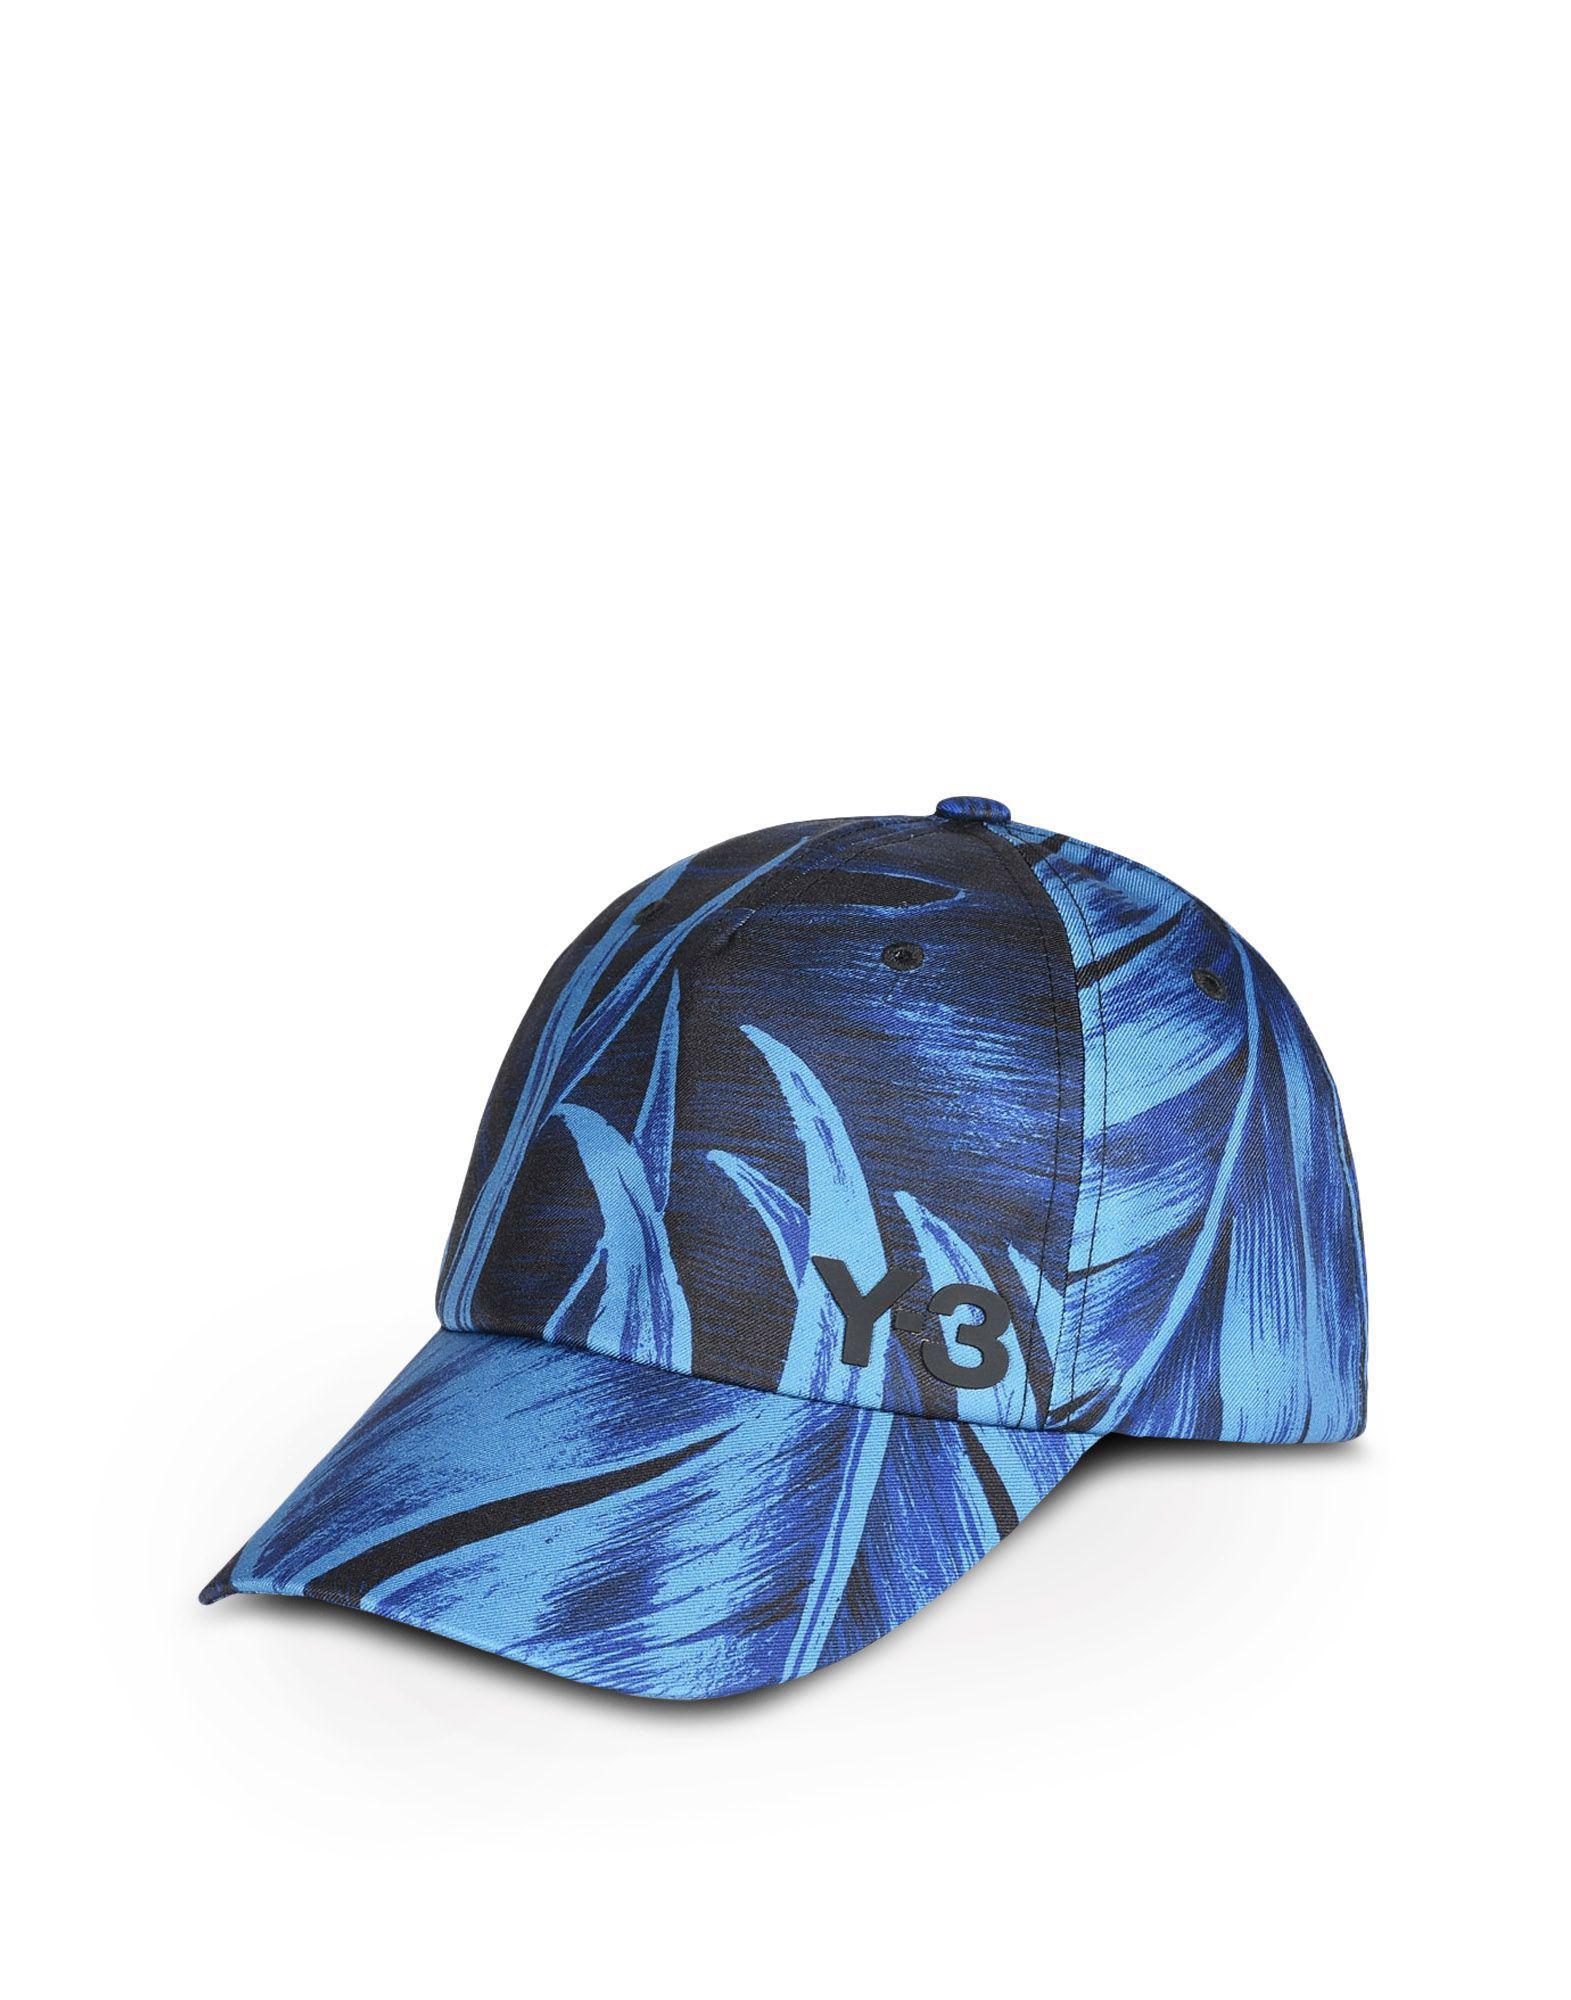 cc9ffd293f7 Lyst - Y-3 Lux Cap in Blue for Men